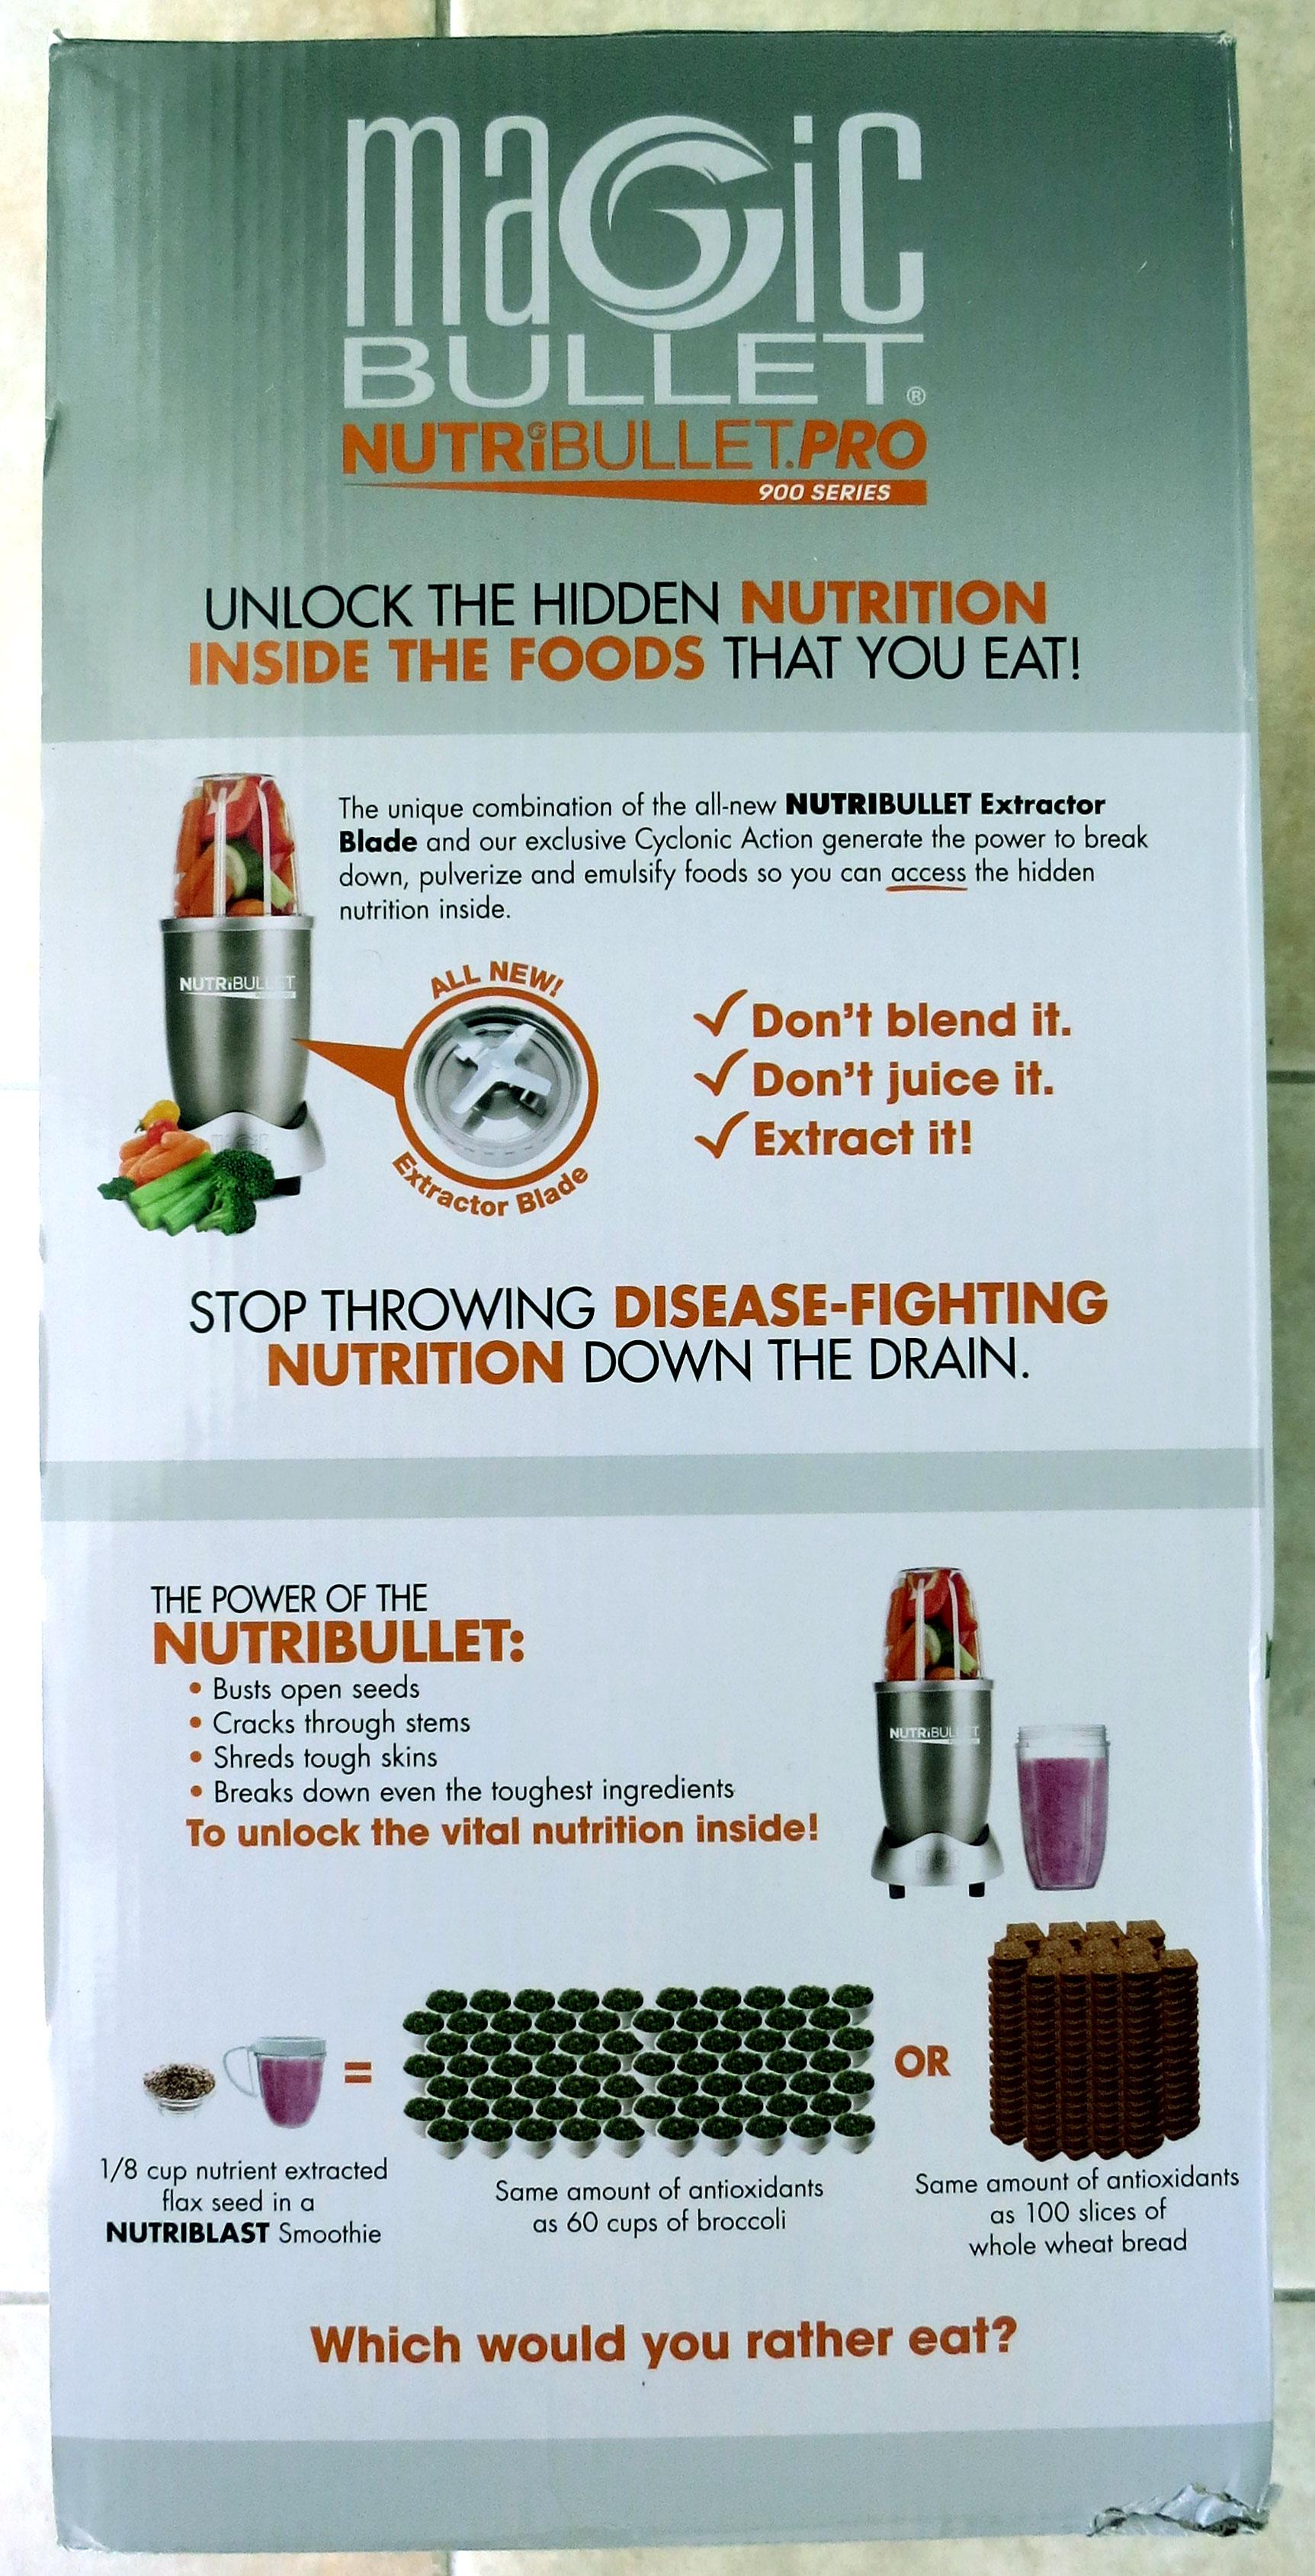 nutribullet pocket nutritionist book pdf